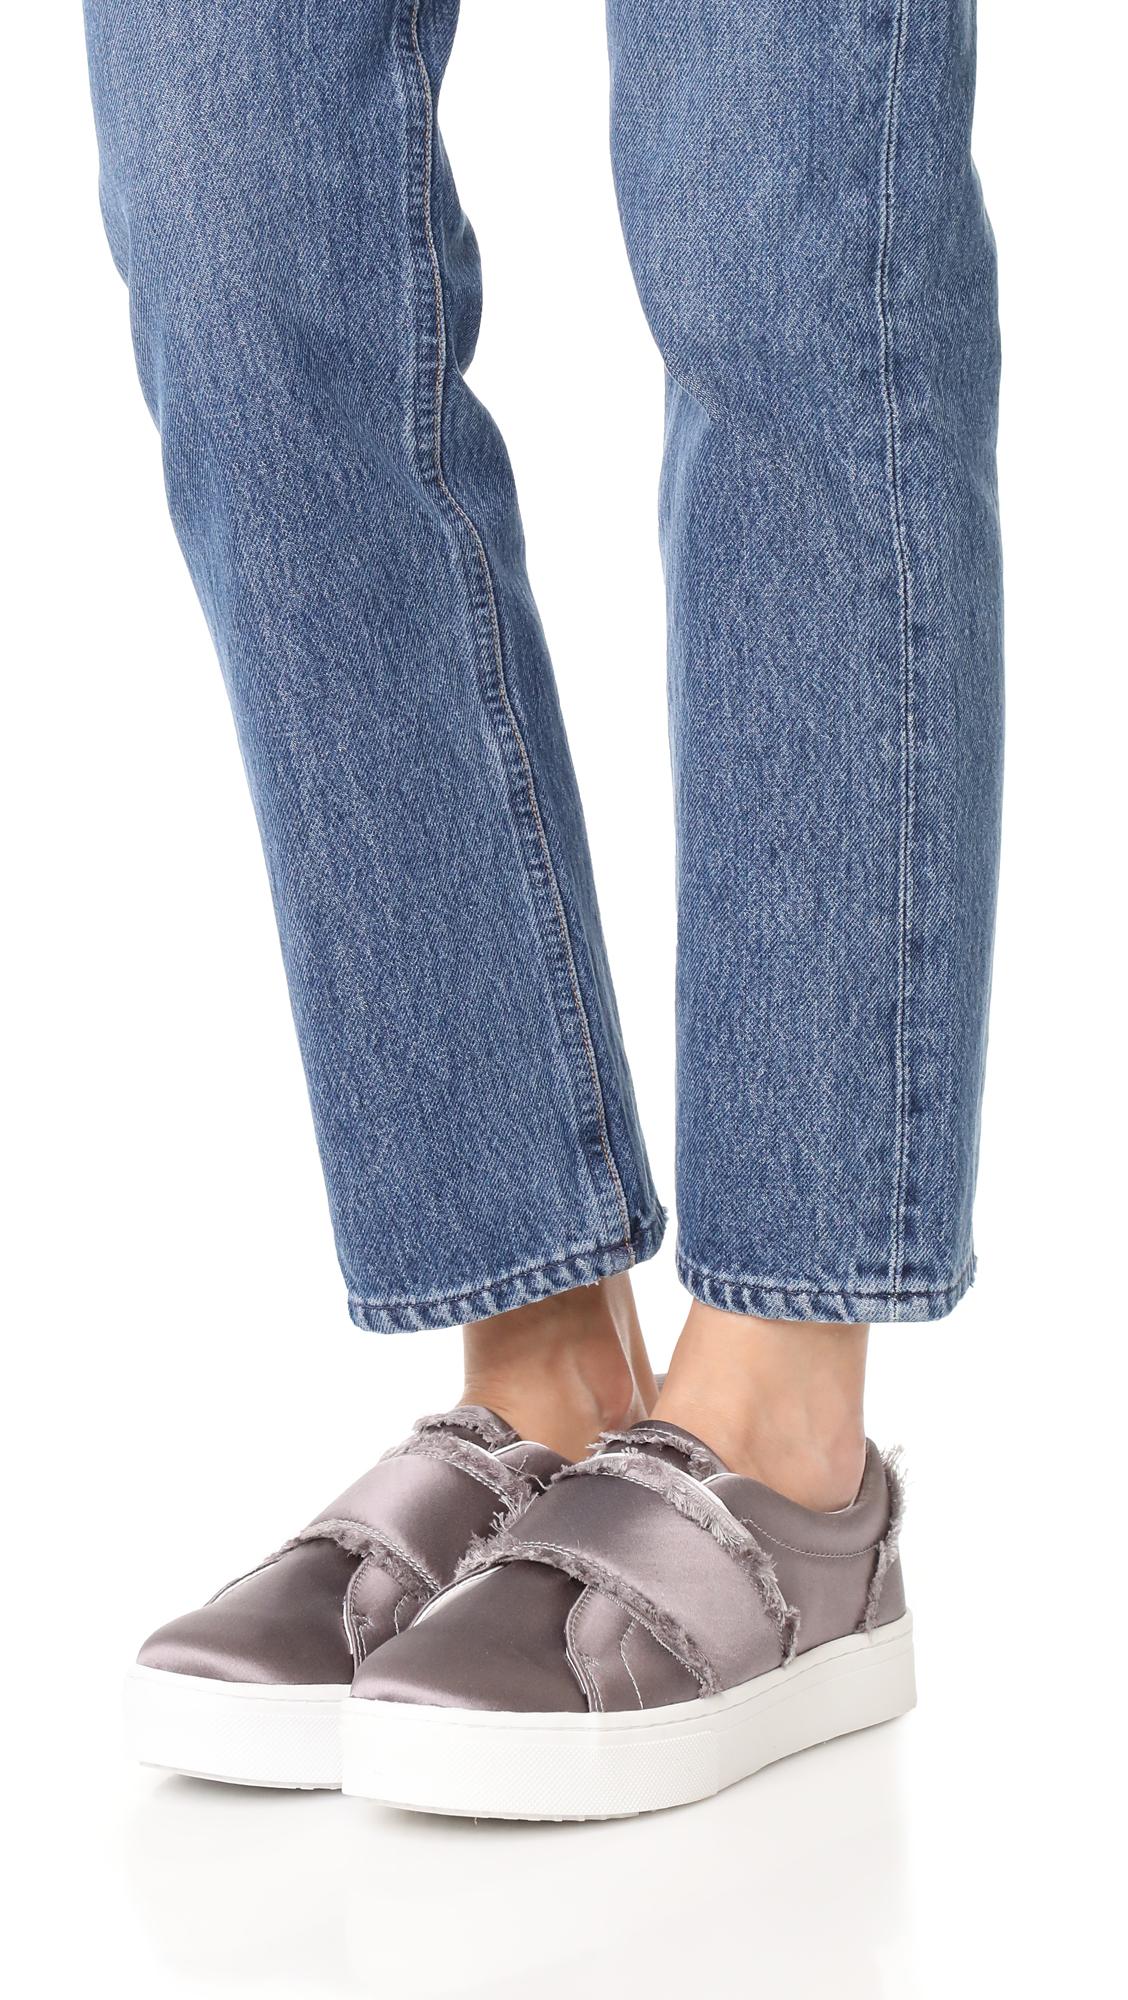 0faa10508503 Sam Edelman Levine Sneakers